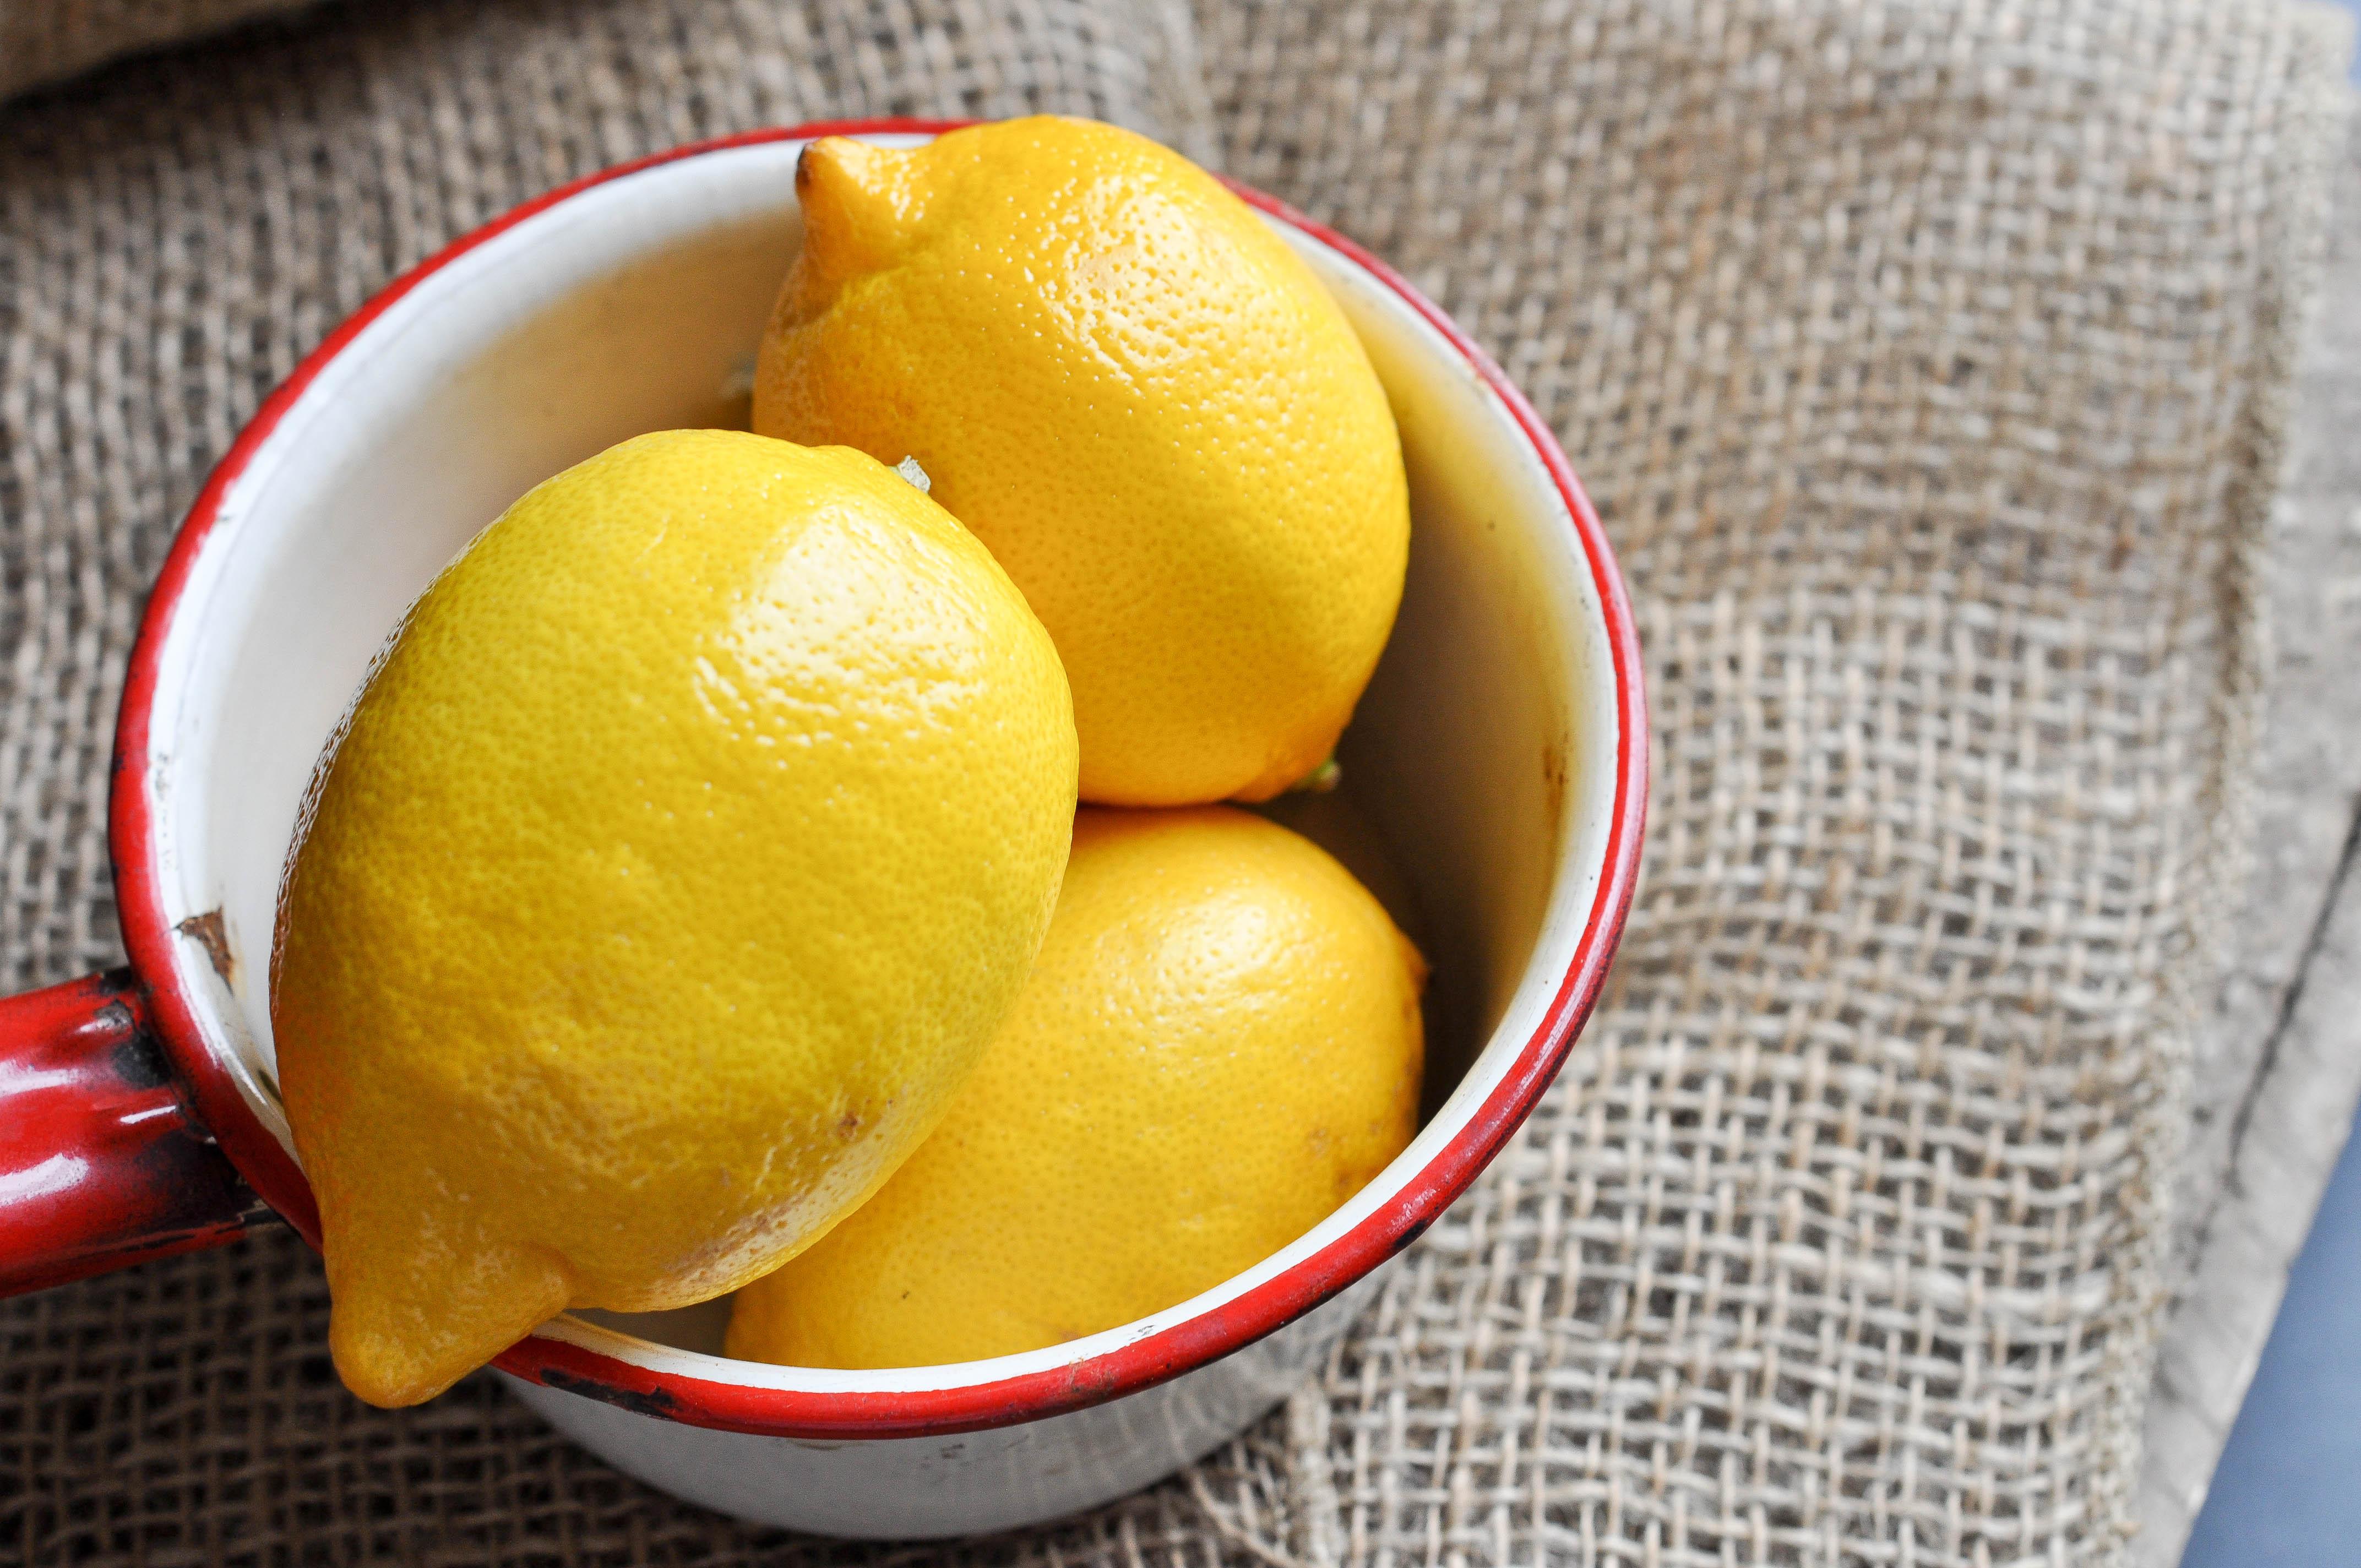 Depilazione indolore e naturale con la ceretta alla zucchero fai da te